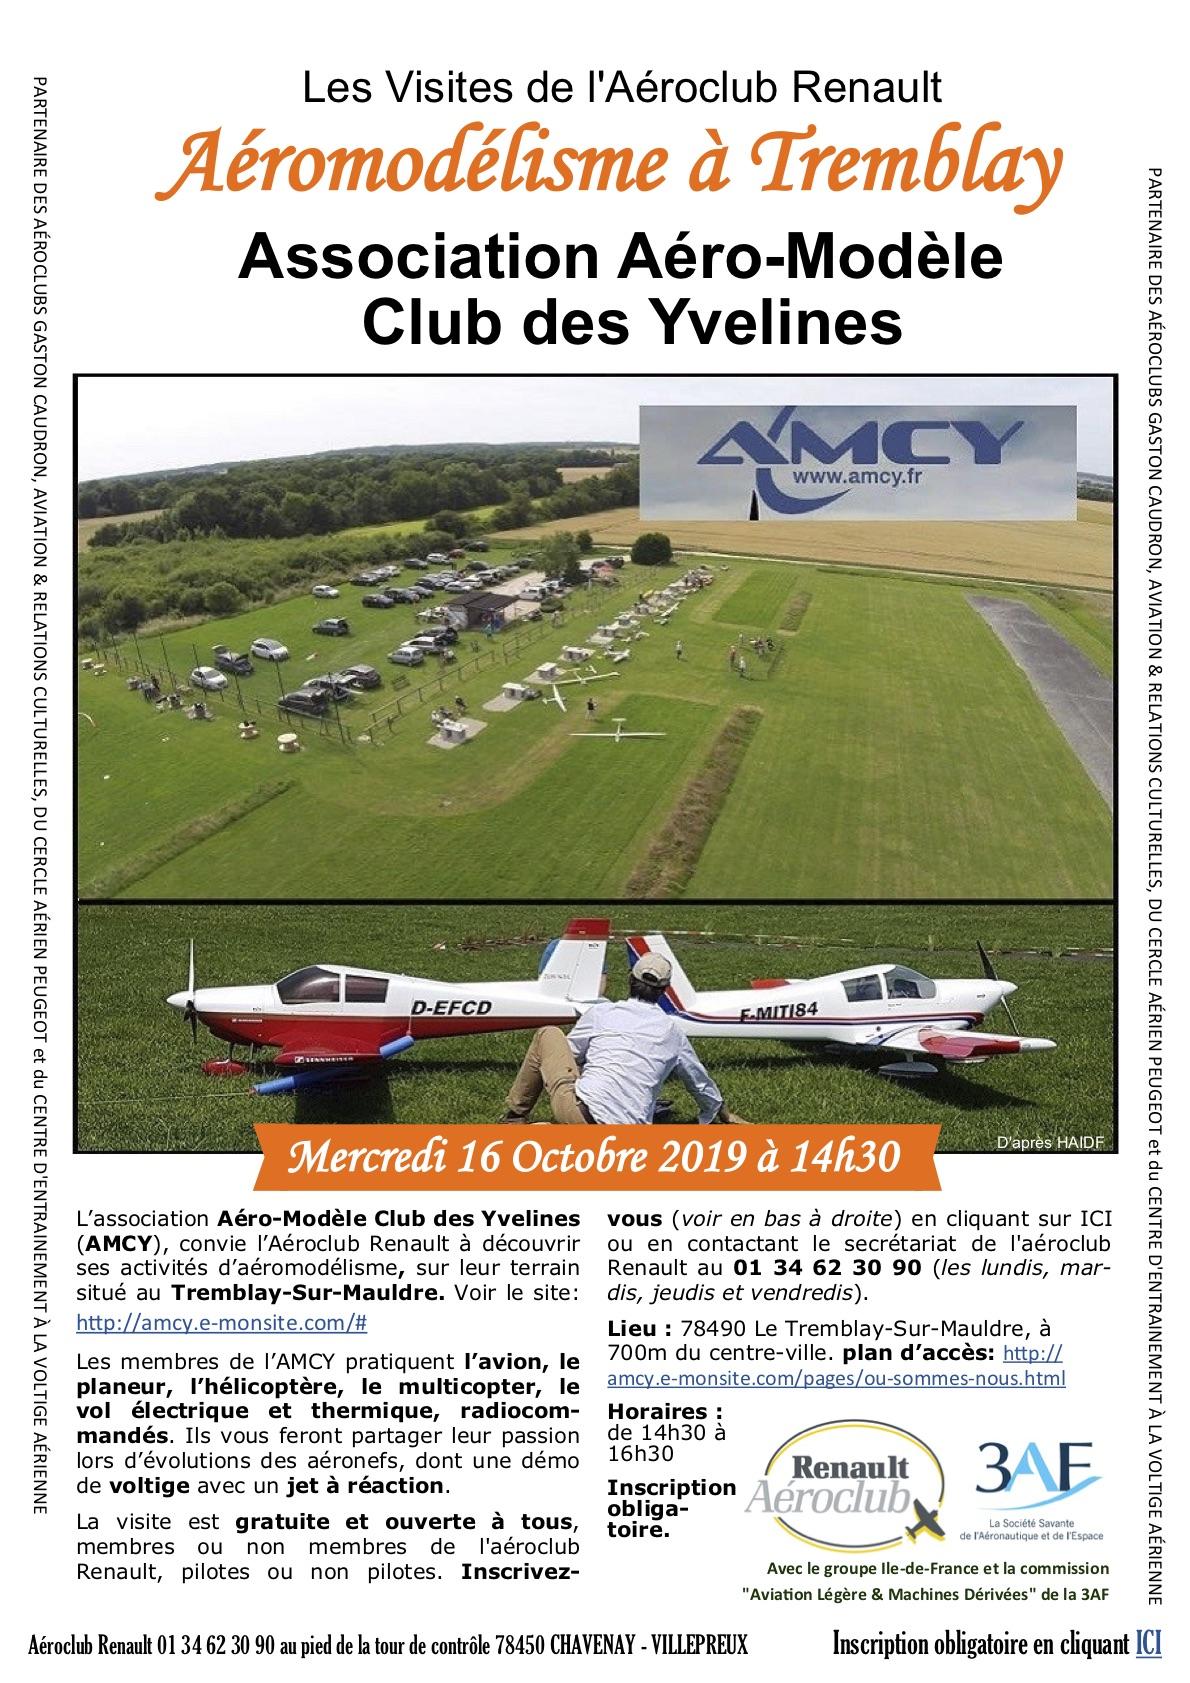 Visite acr 3af amcy 16 octobre 2019